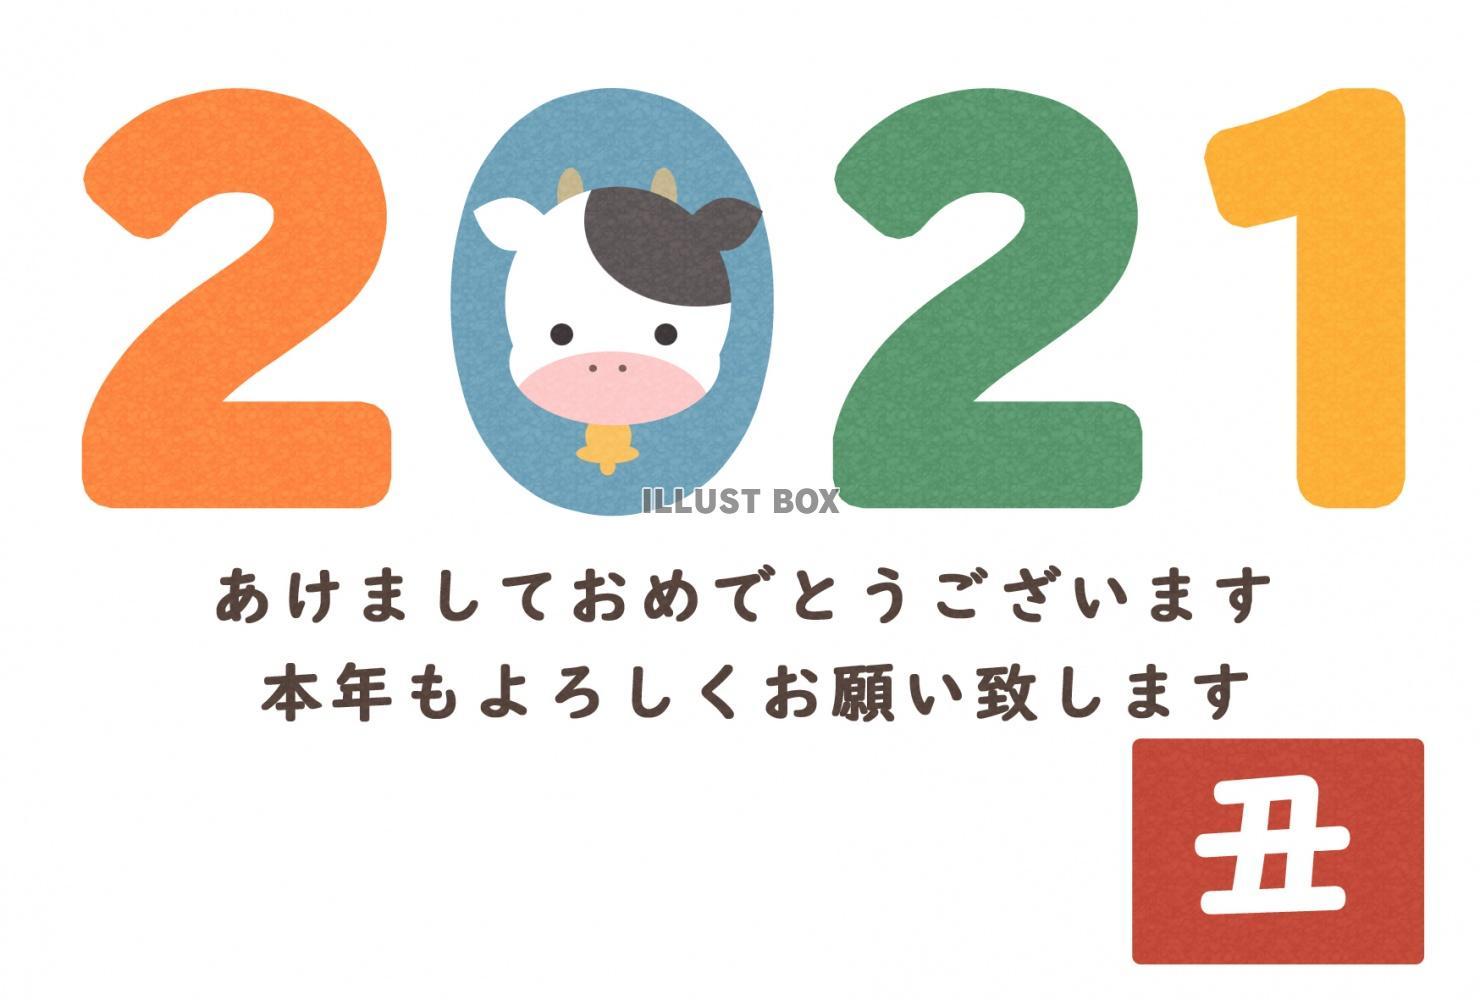 無料イラスト 2021年年賀状素材 牛さんの顔と2021